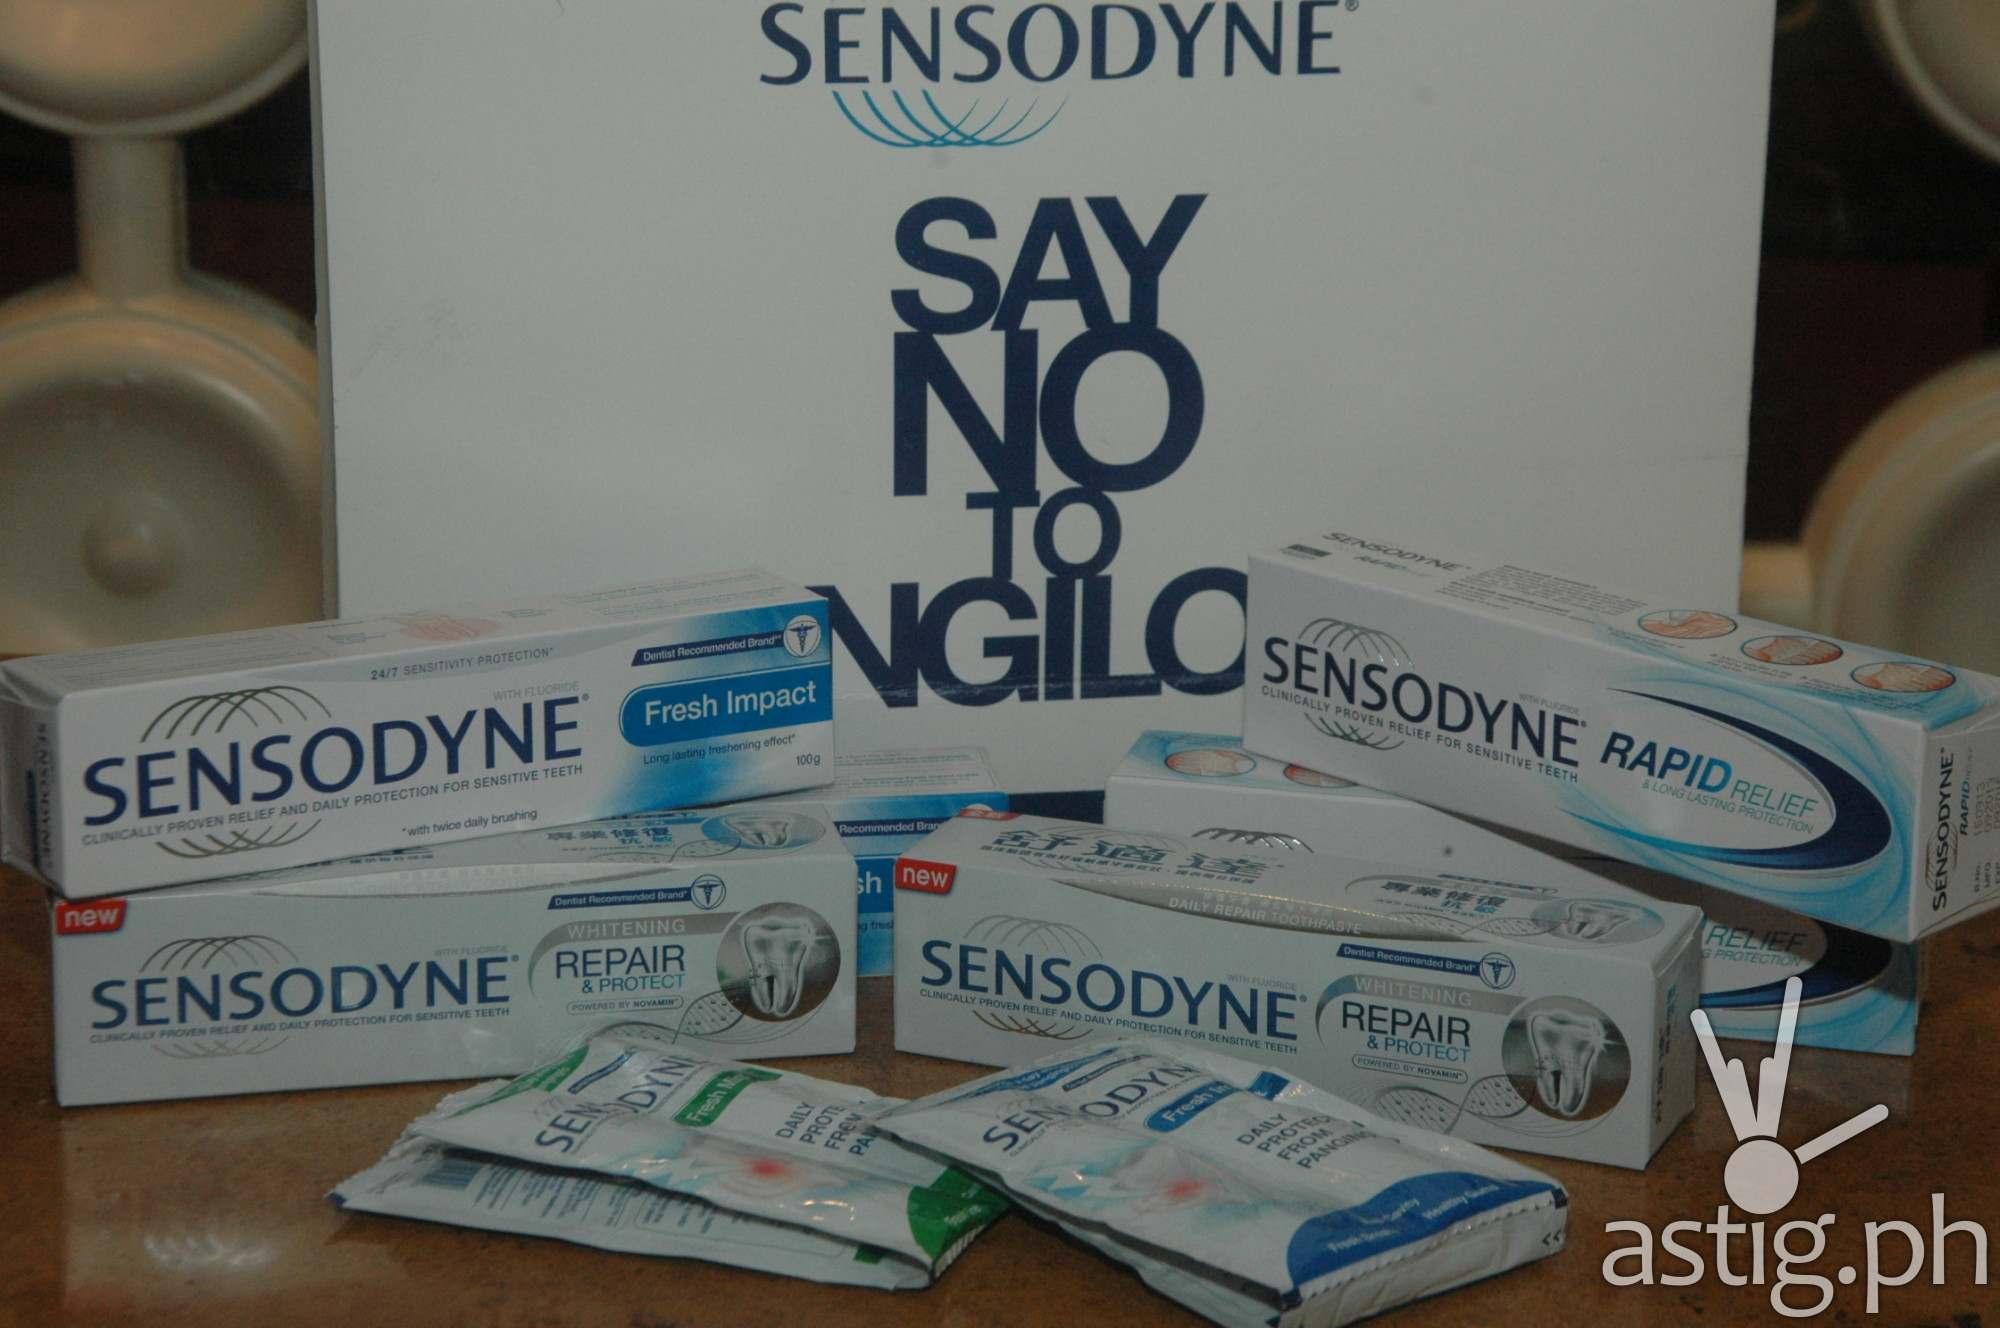 Sensodyne Products